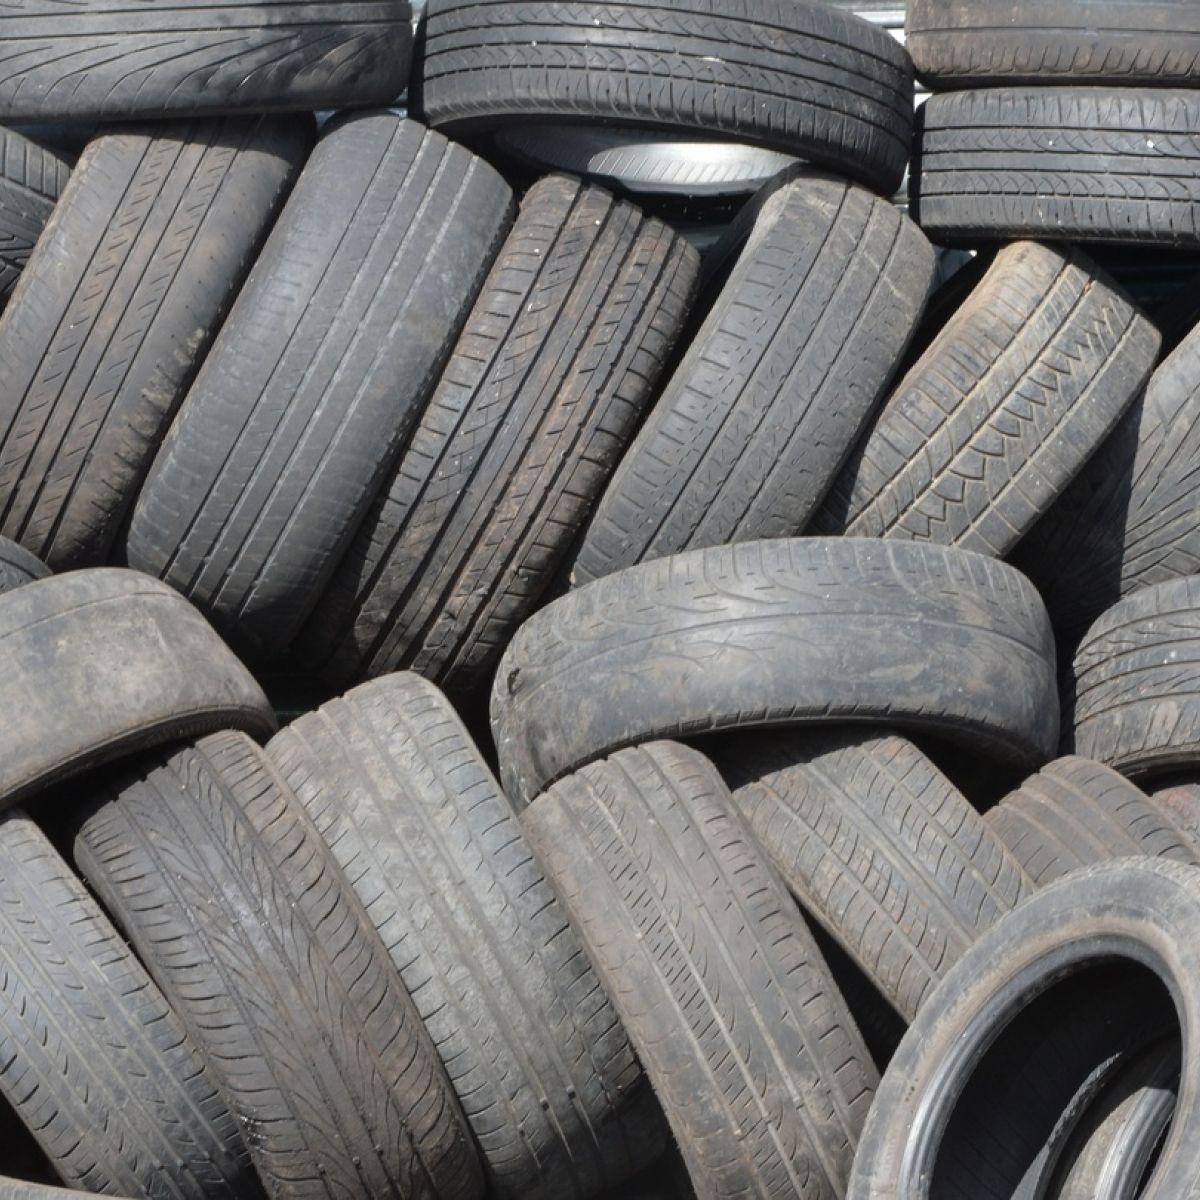 Kostolačko postrojenje za reciklažu guma: strah bez osnova ili još jedan zagađivač ? 42255